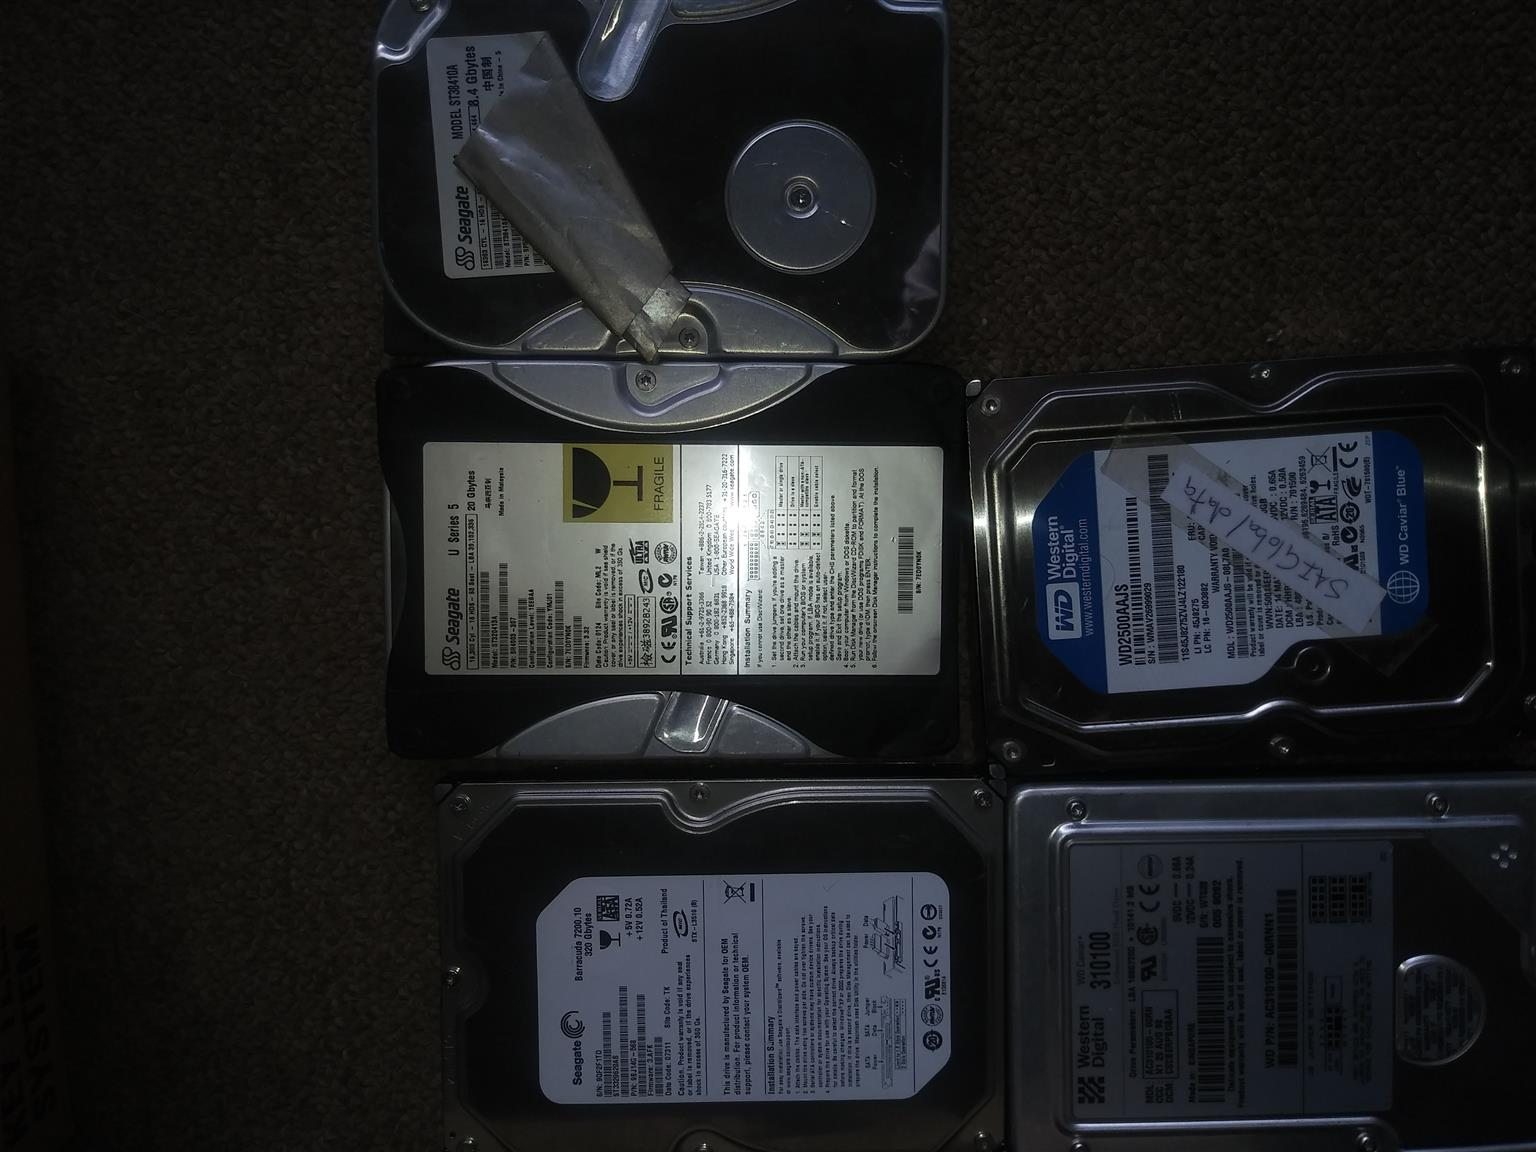 Office supplies phones